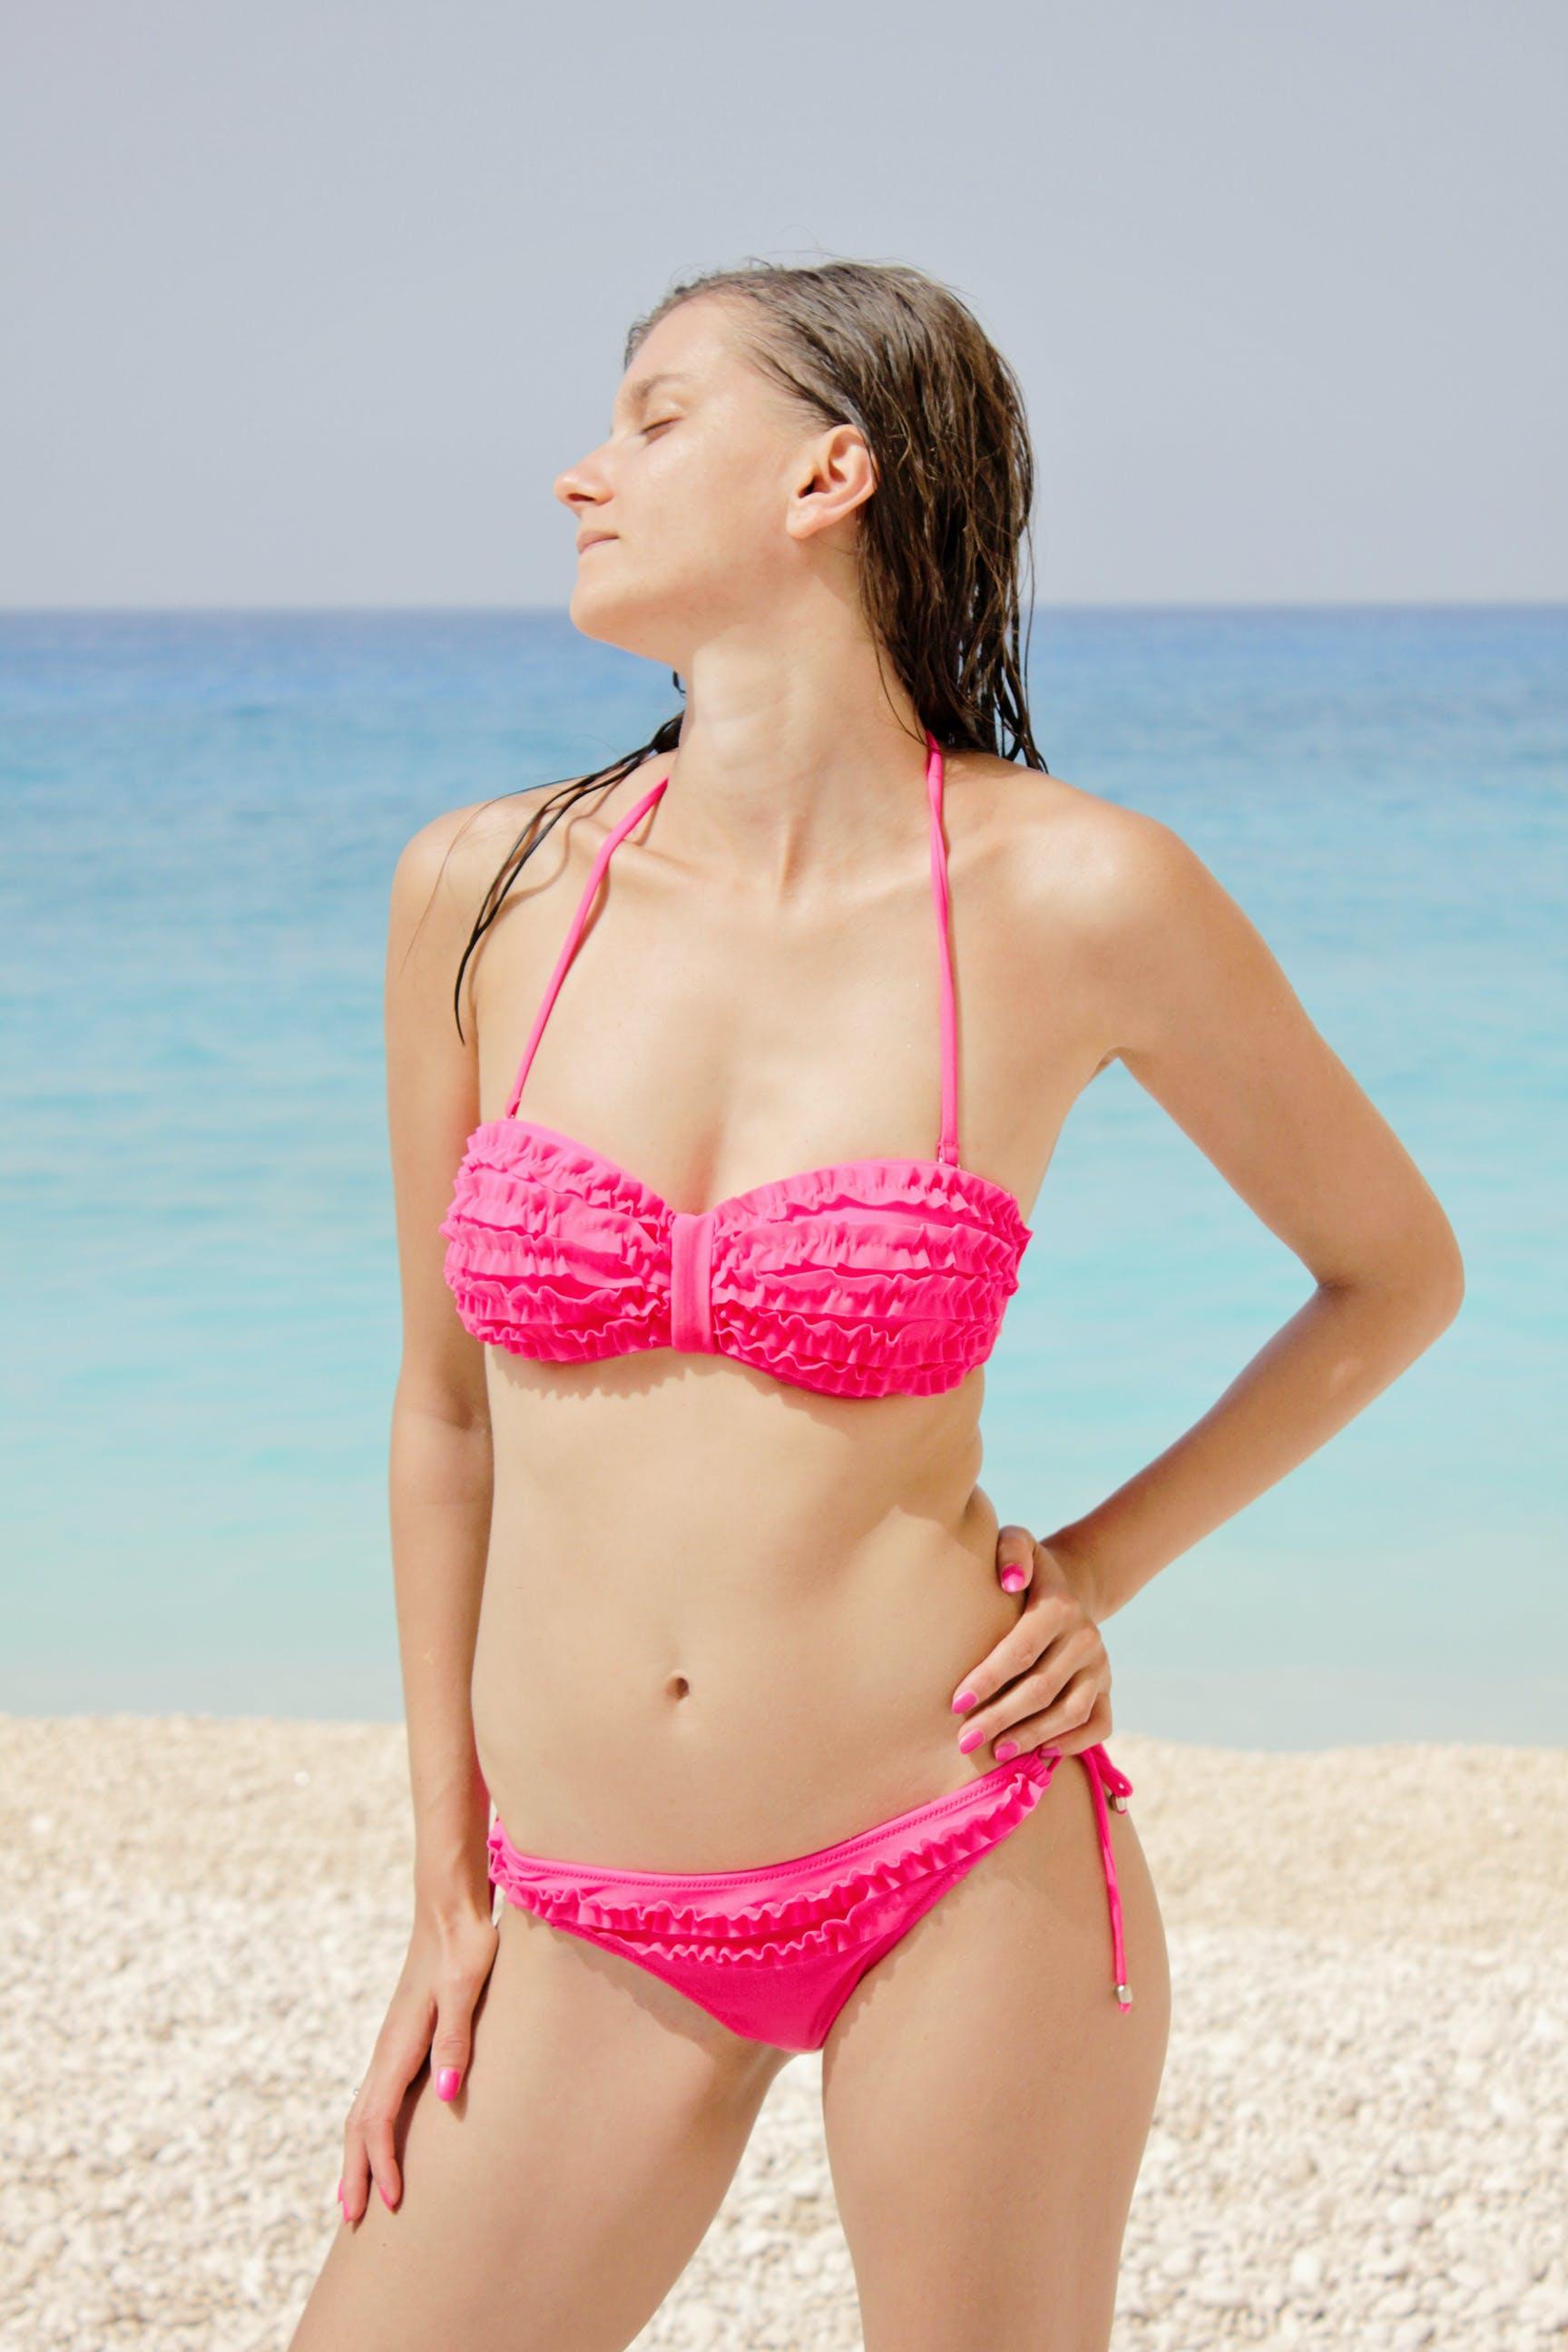 Woman in Pink Bikini Near Body of Water